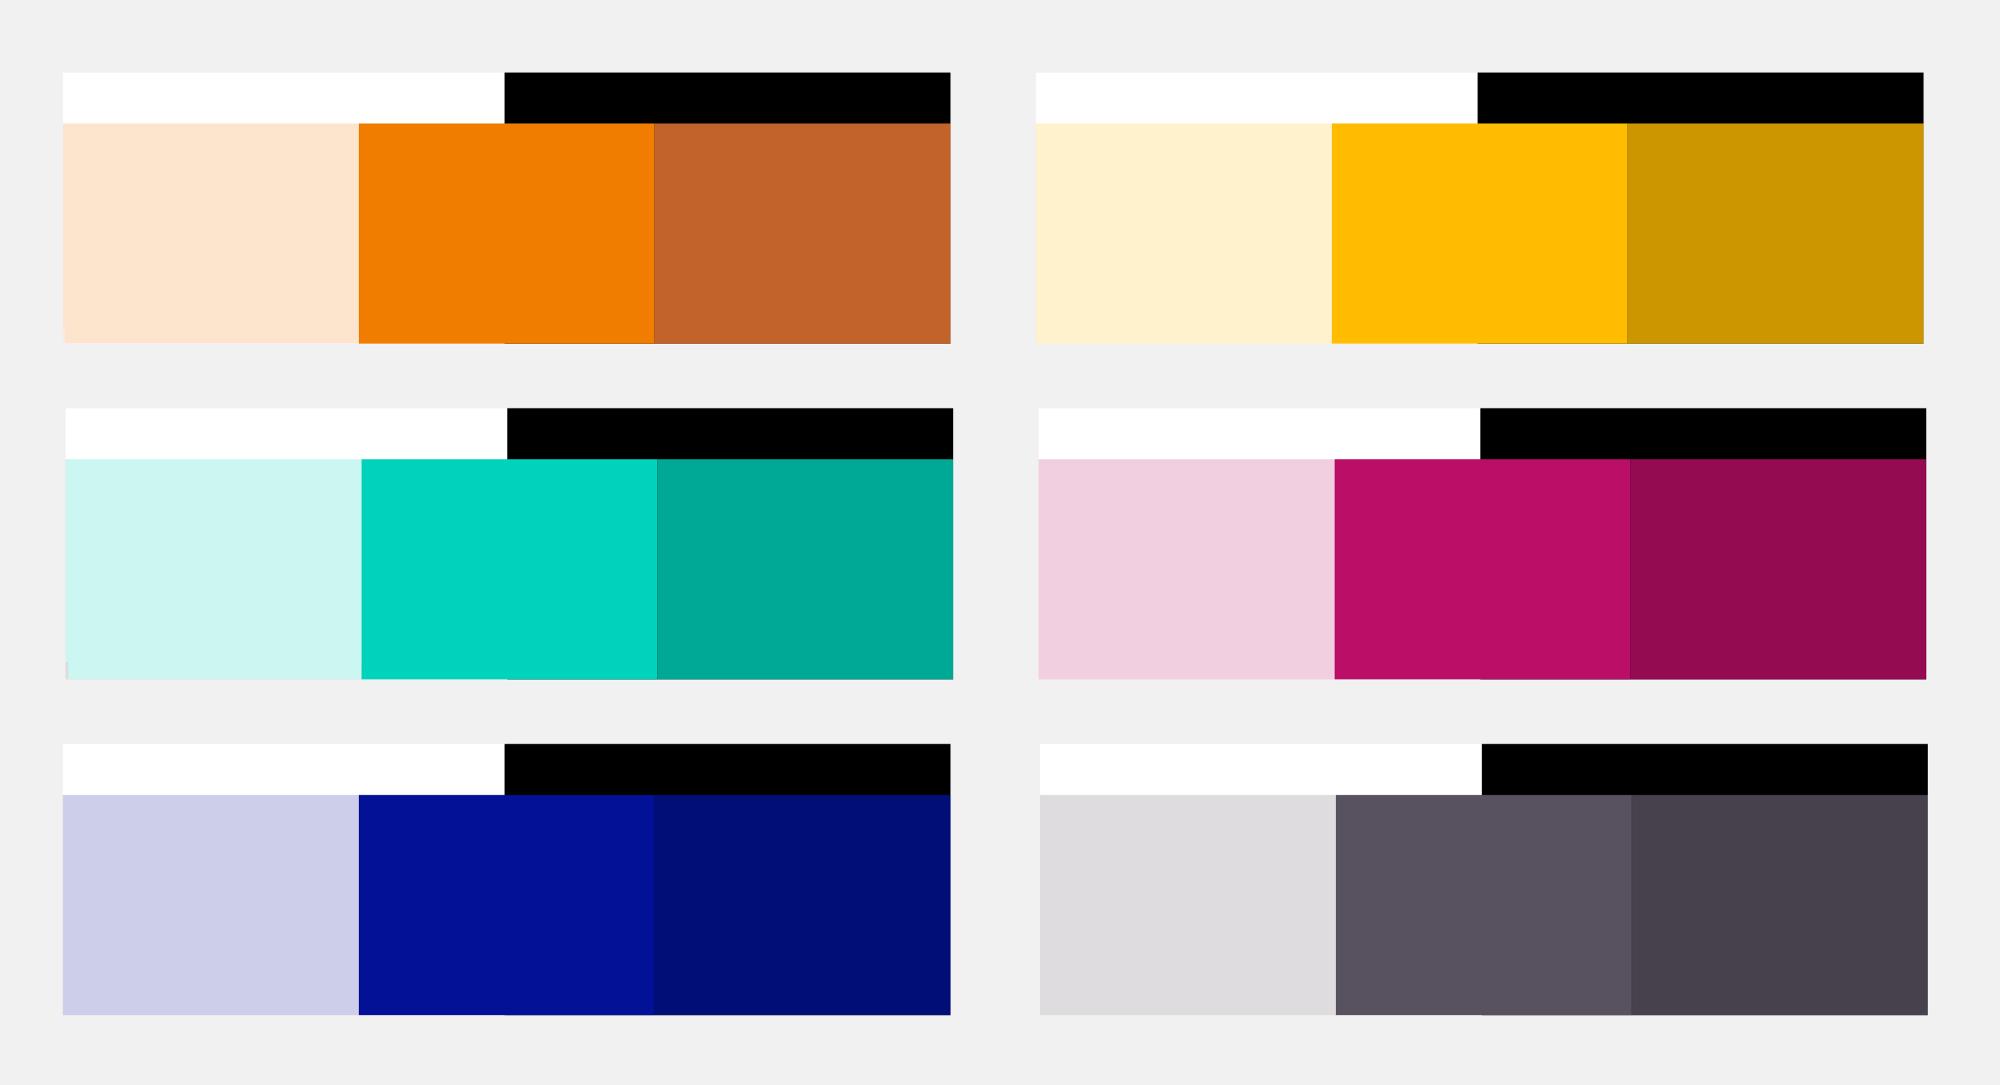 در صفحه اینستاگرام کسب و کارتان حتما به رنگ ها توجه کنید